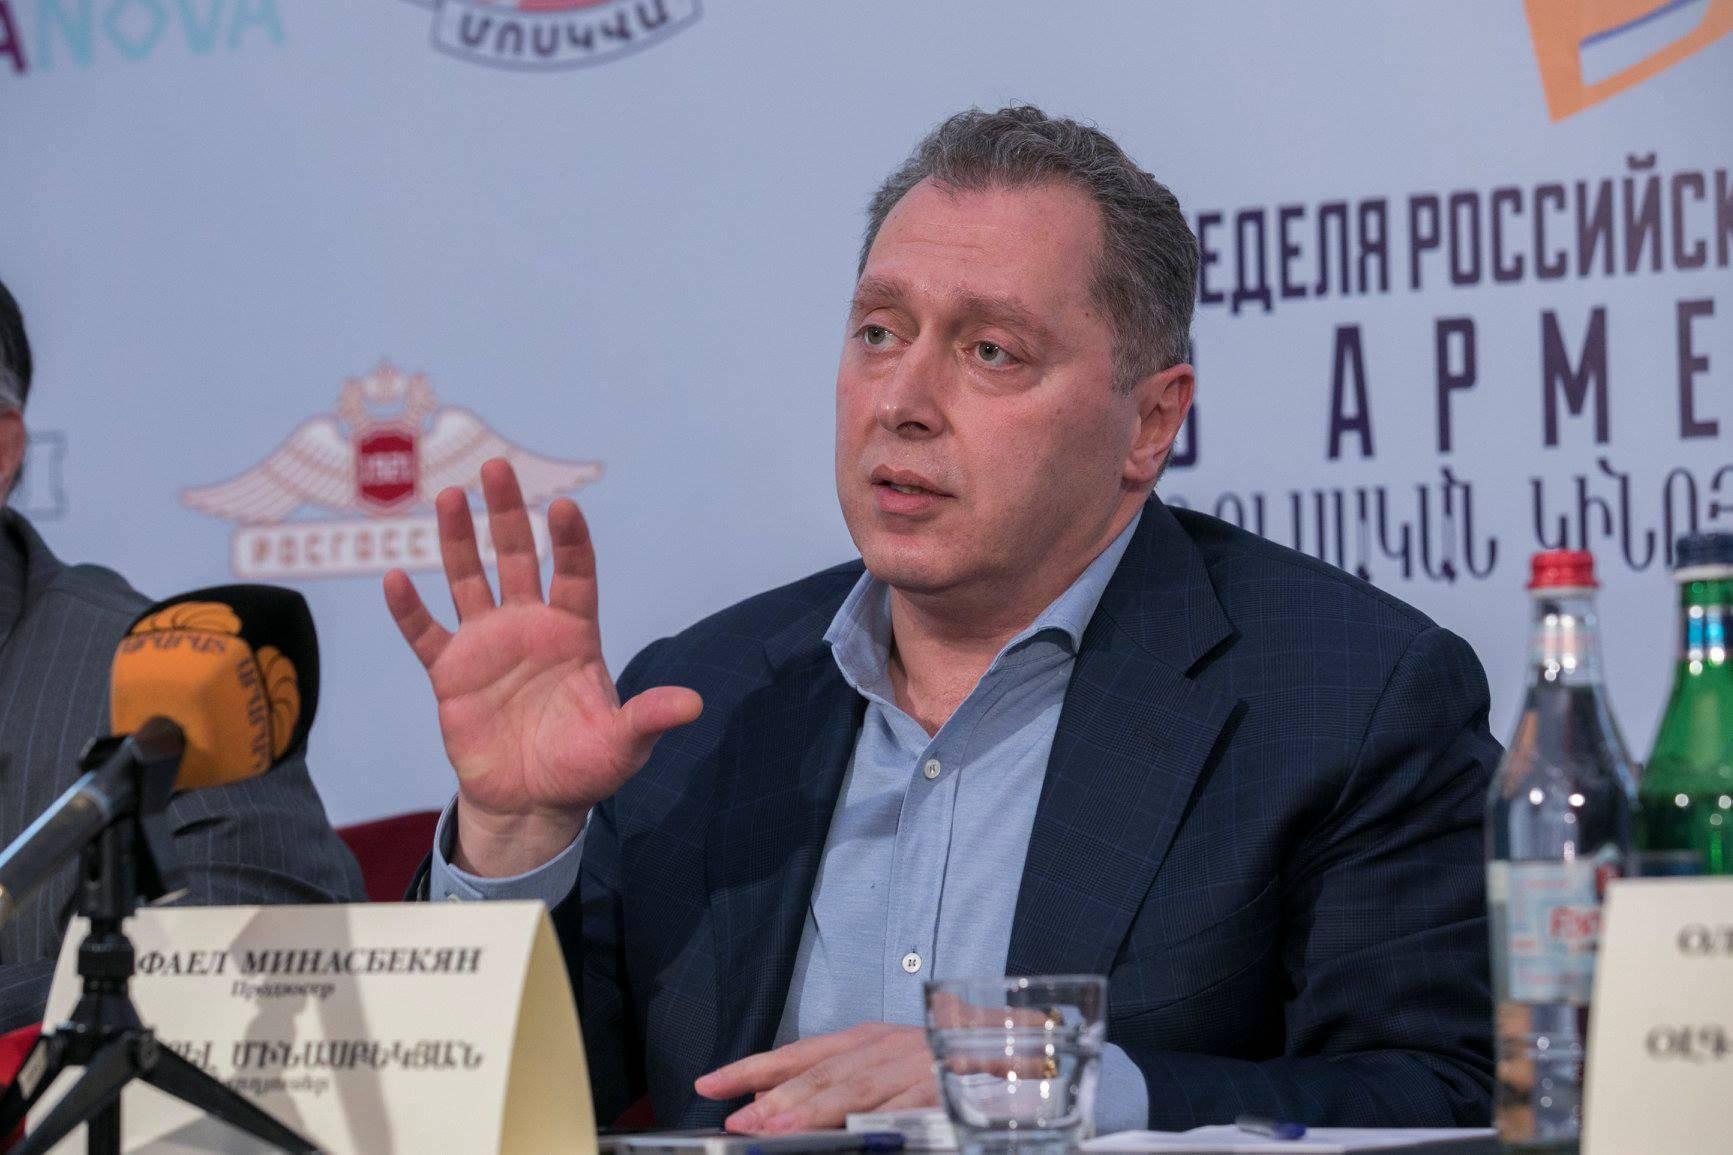 Неделя российского кино в Армении